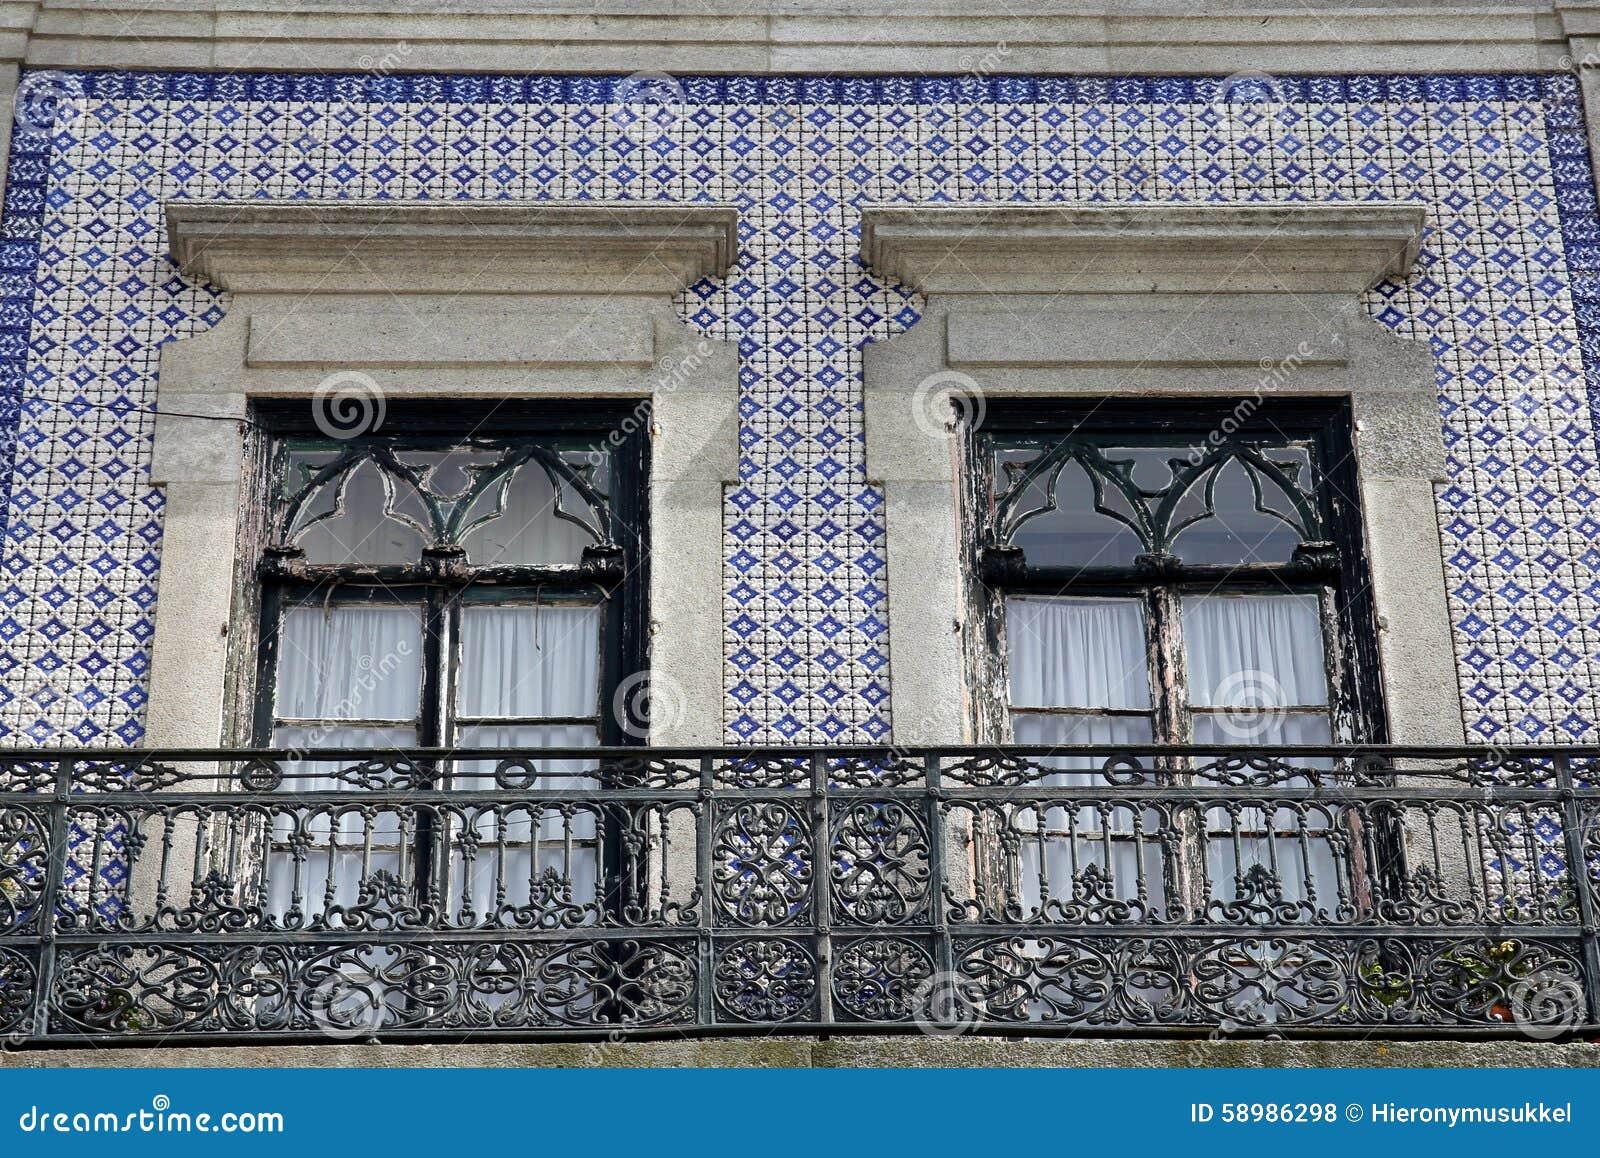 Frente De La Casa Adornado Con Azulejos Tejas De La Pared